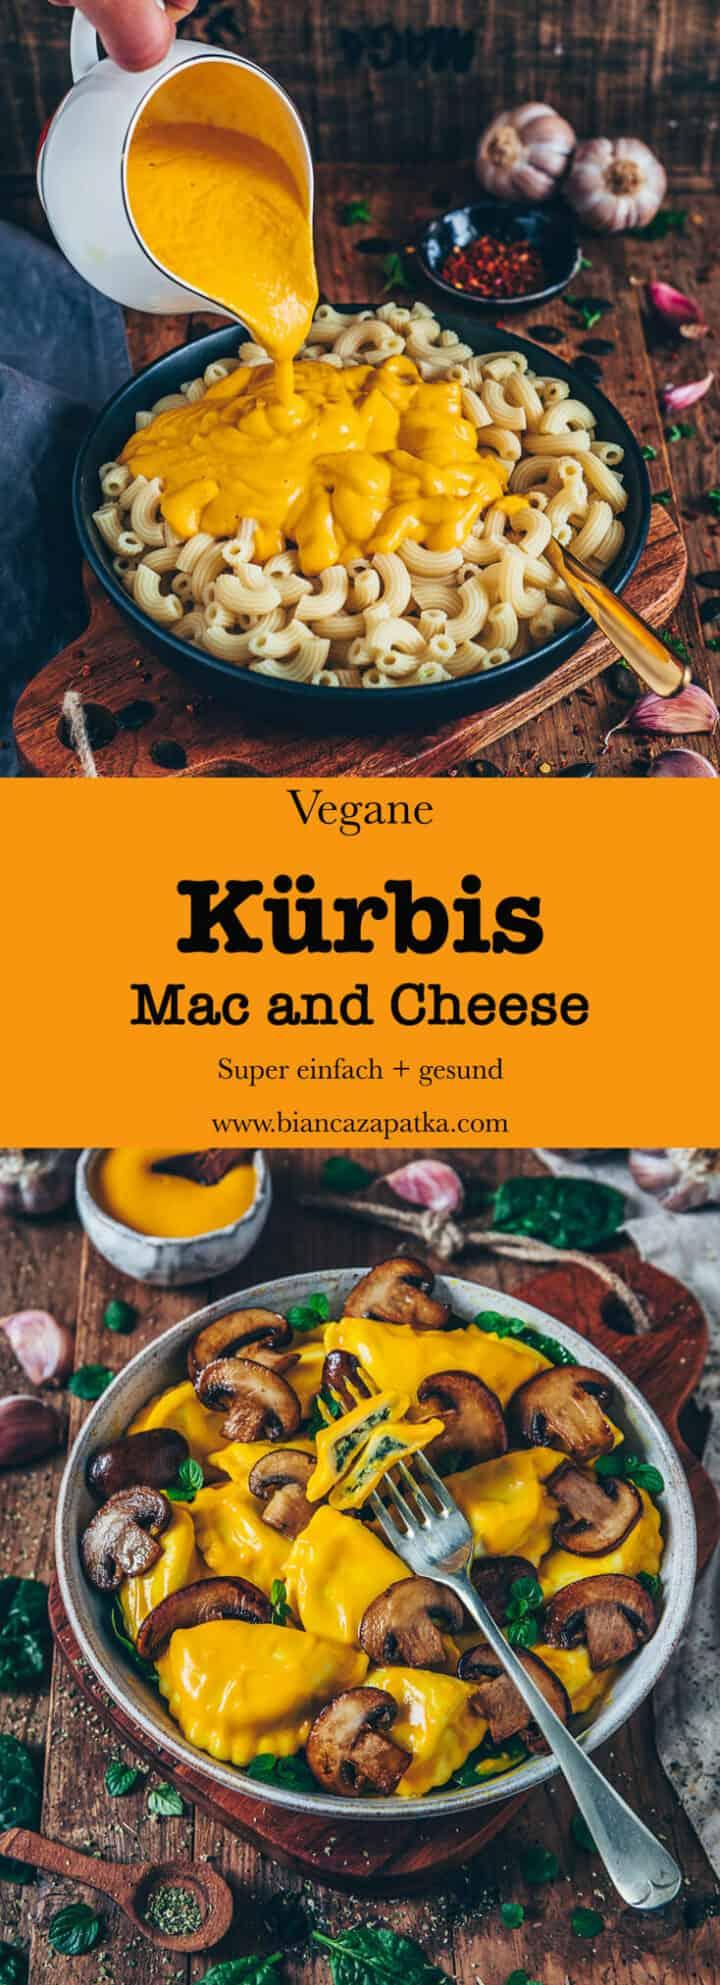 Nudeln mit Kuerbis Kaesesauce, vegane Mac and Cheese, receipt, einfach, gesund